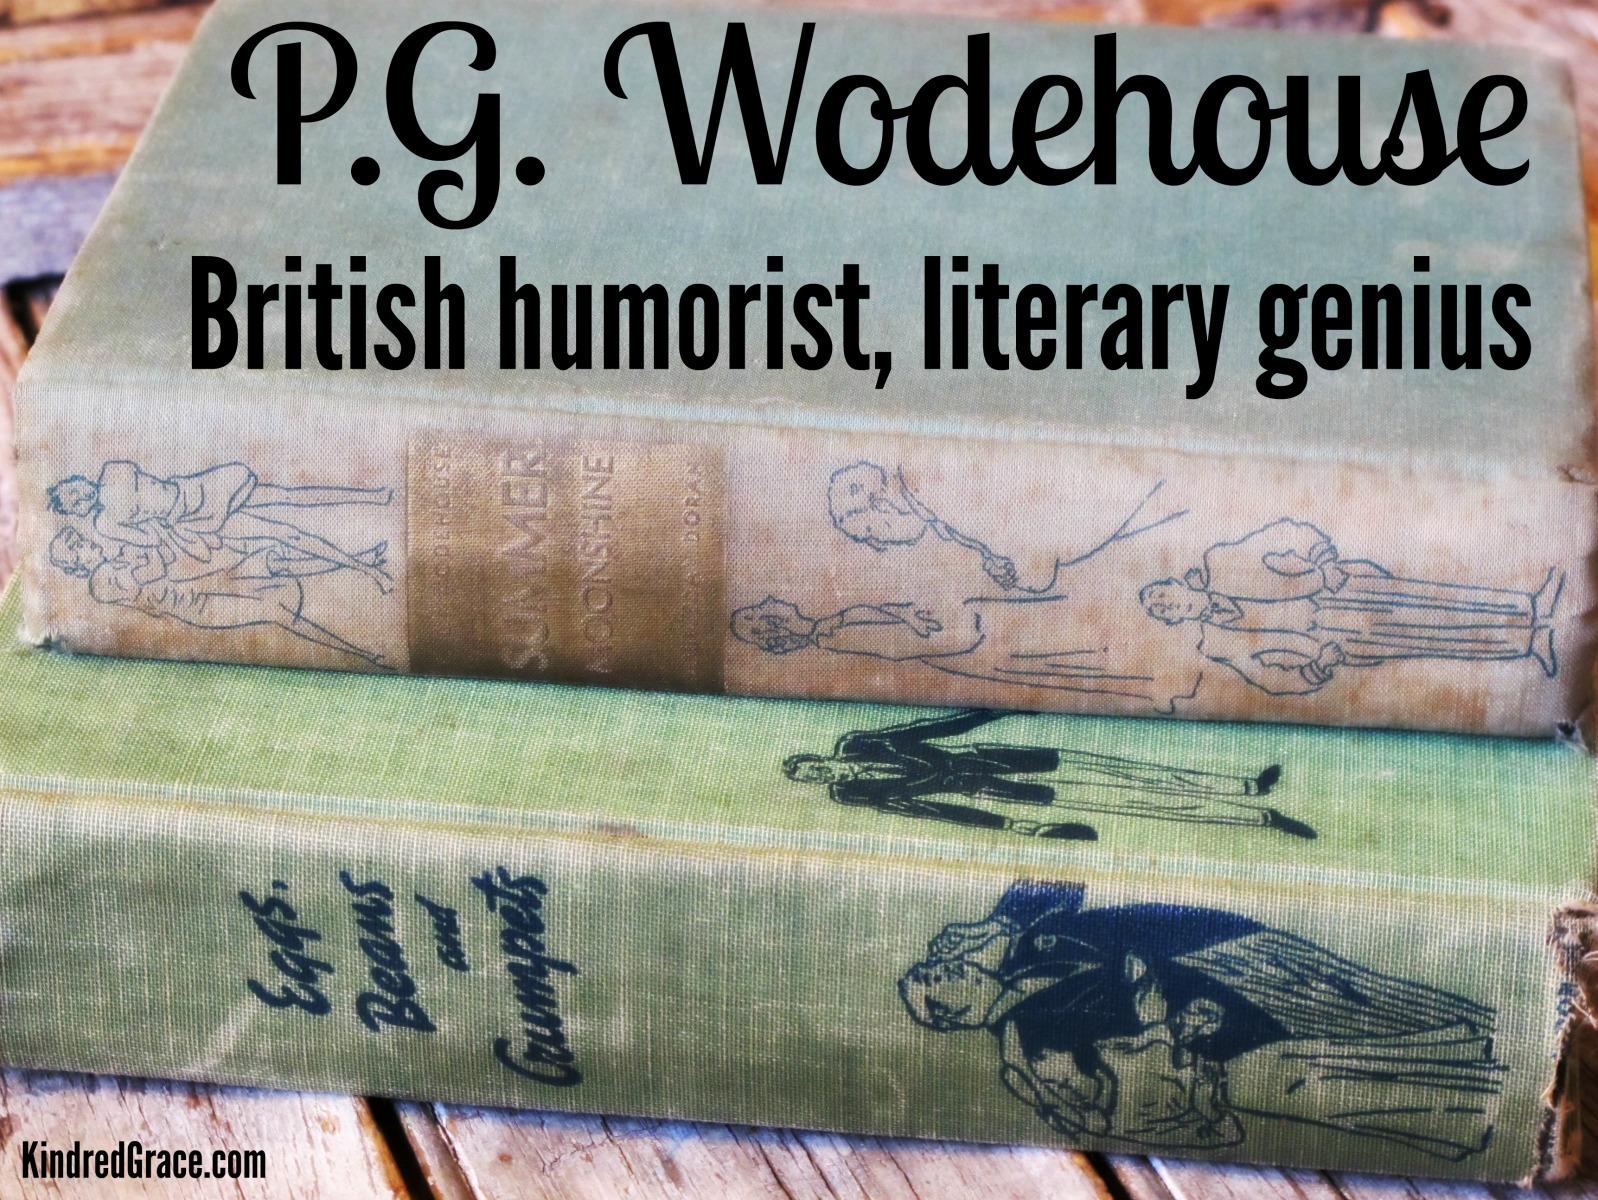 P.G. Wodehouse: British humorist, literary genius